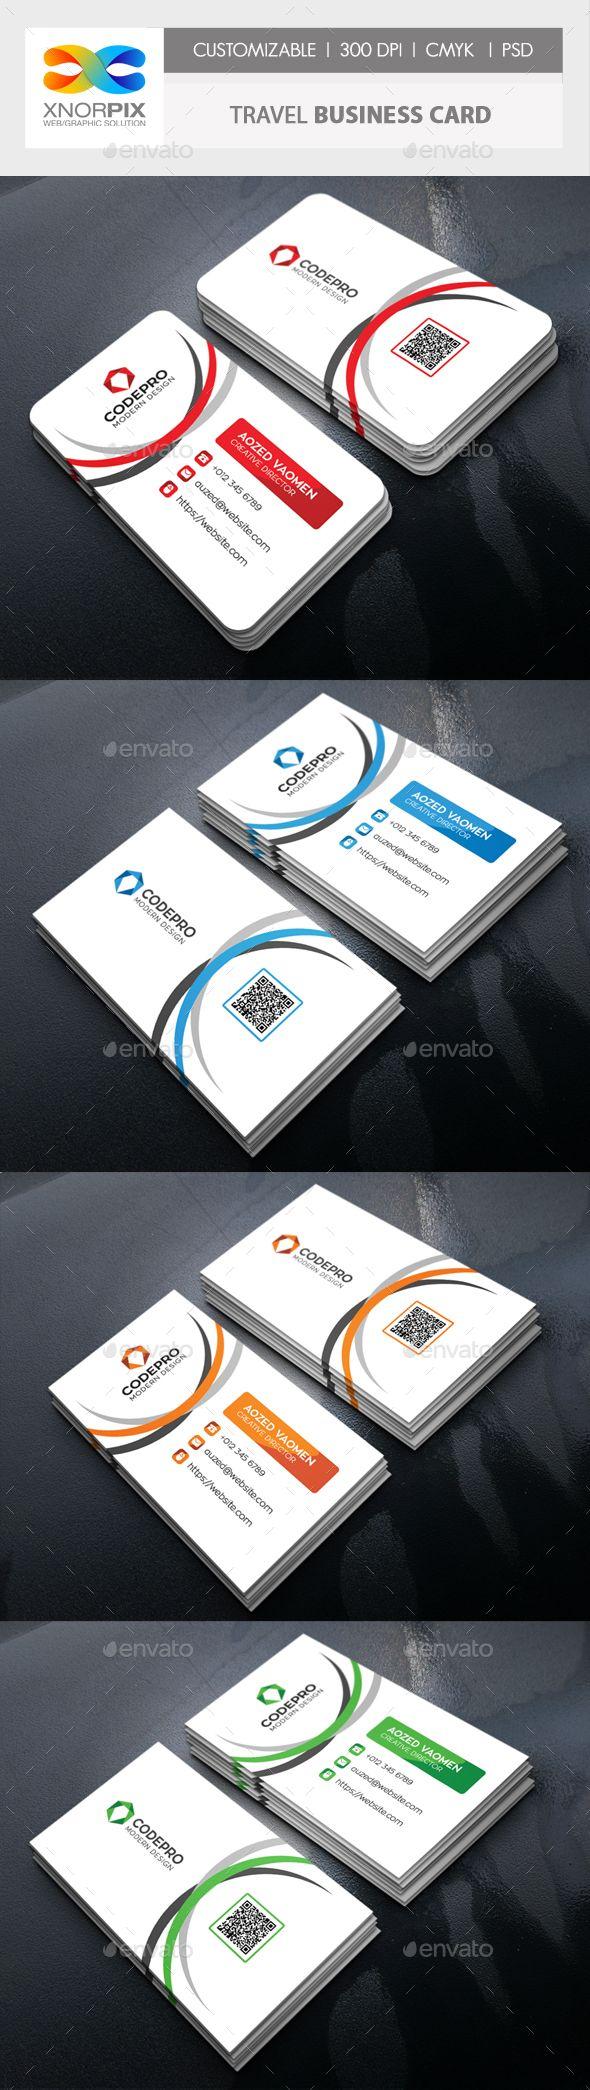 Travel business card cartes de visita carto e visita travel business card corporate business cards download here https reheart Choice Image